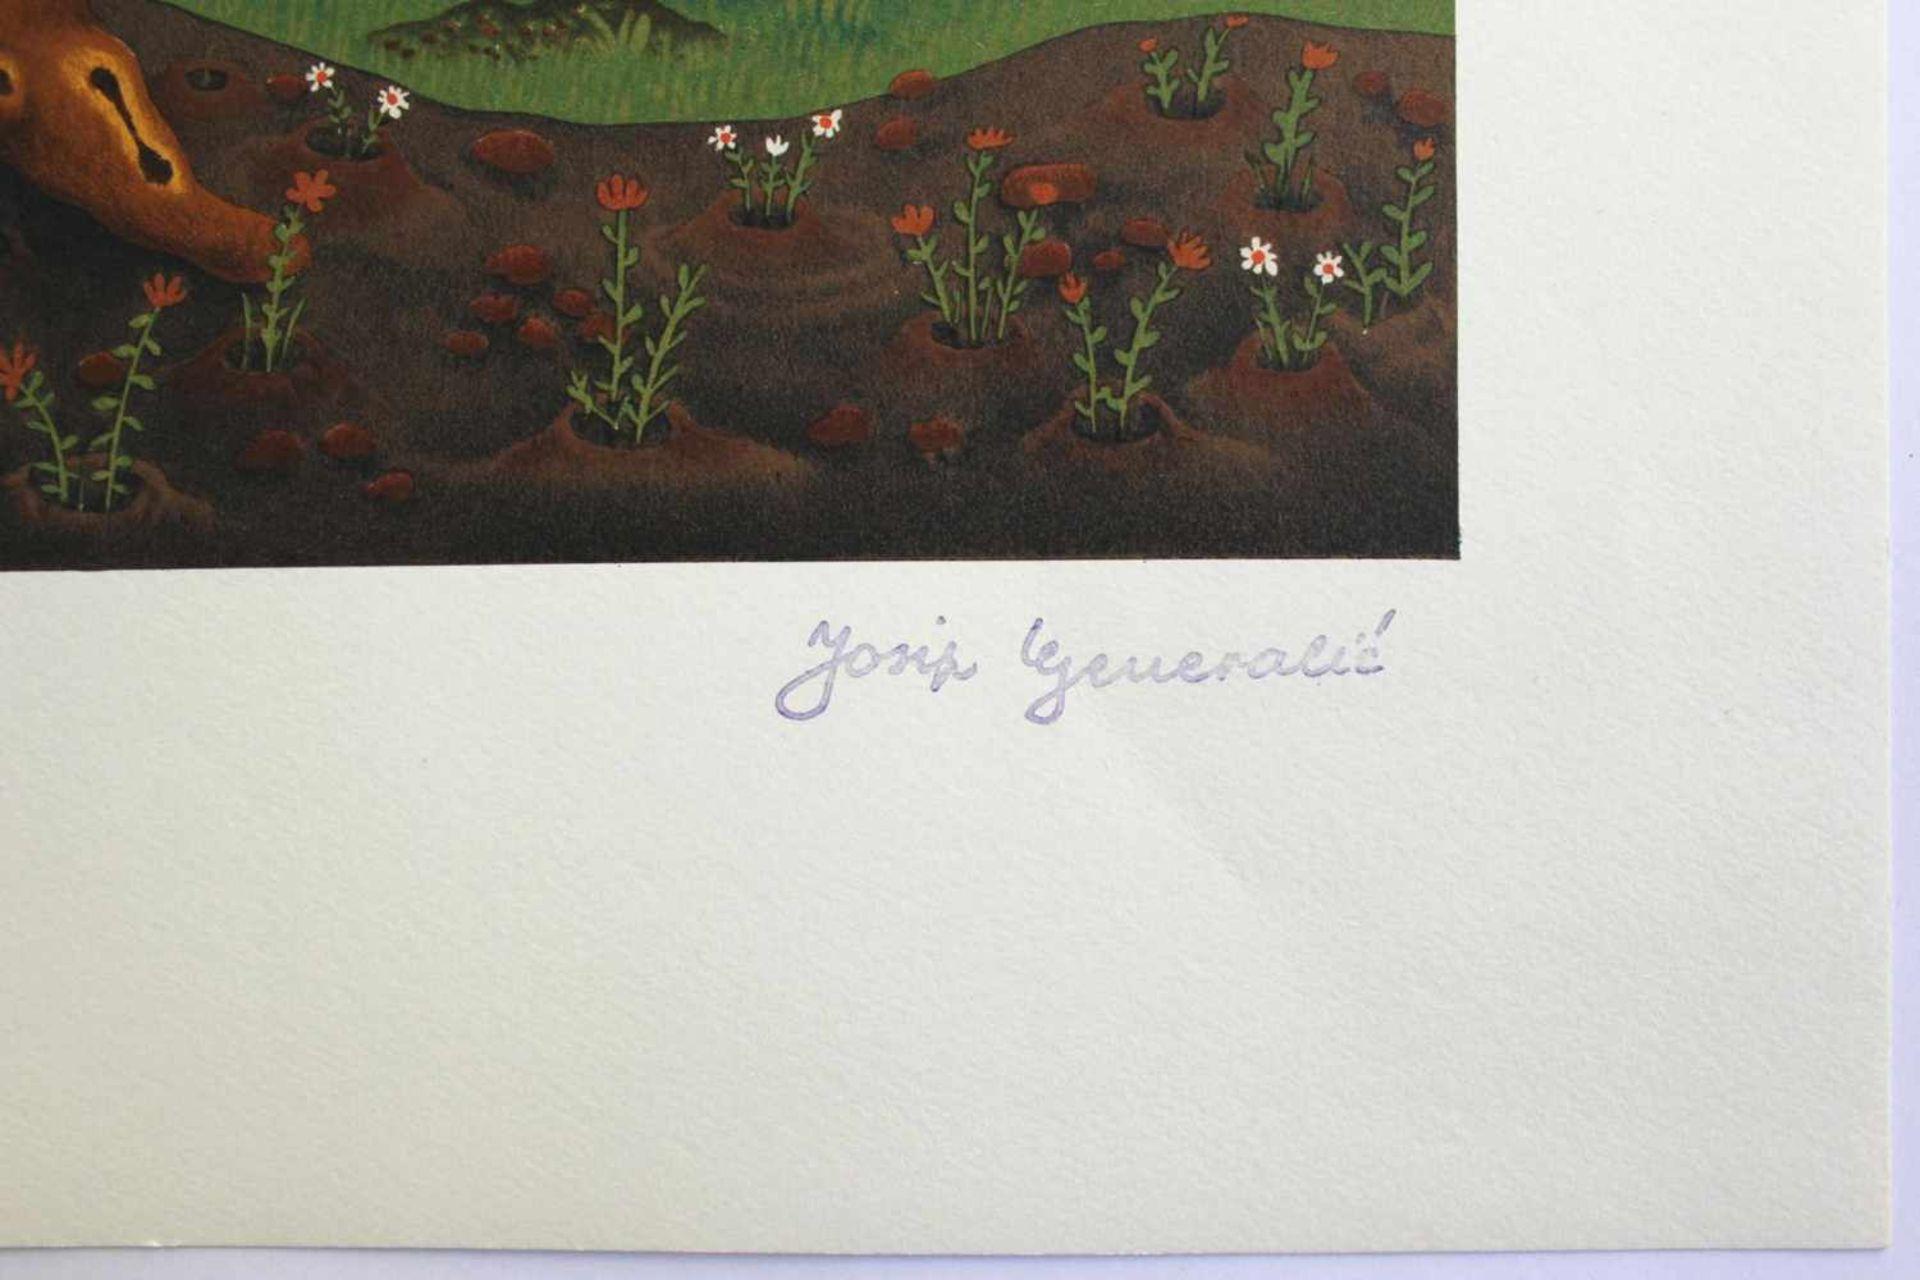 Josip Generalic 1914 - 1992 Blumenstrauß 1975 Lithographie 1975 realisiert, nummeriert 0345/5300 - Bild 2 aus 3